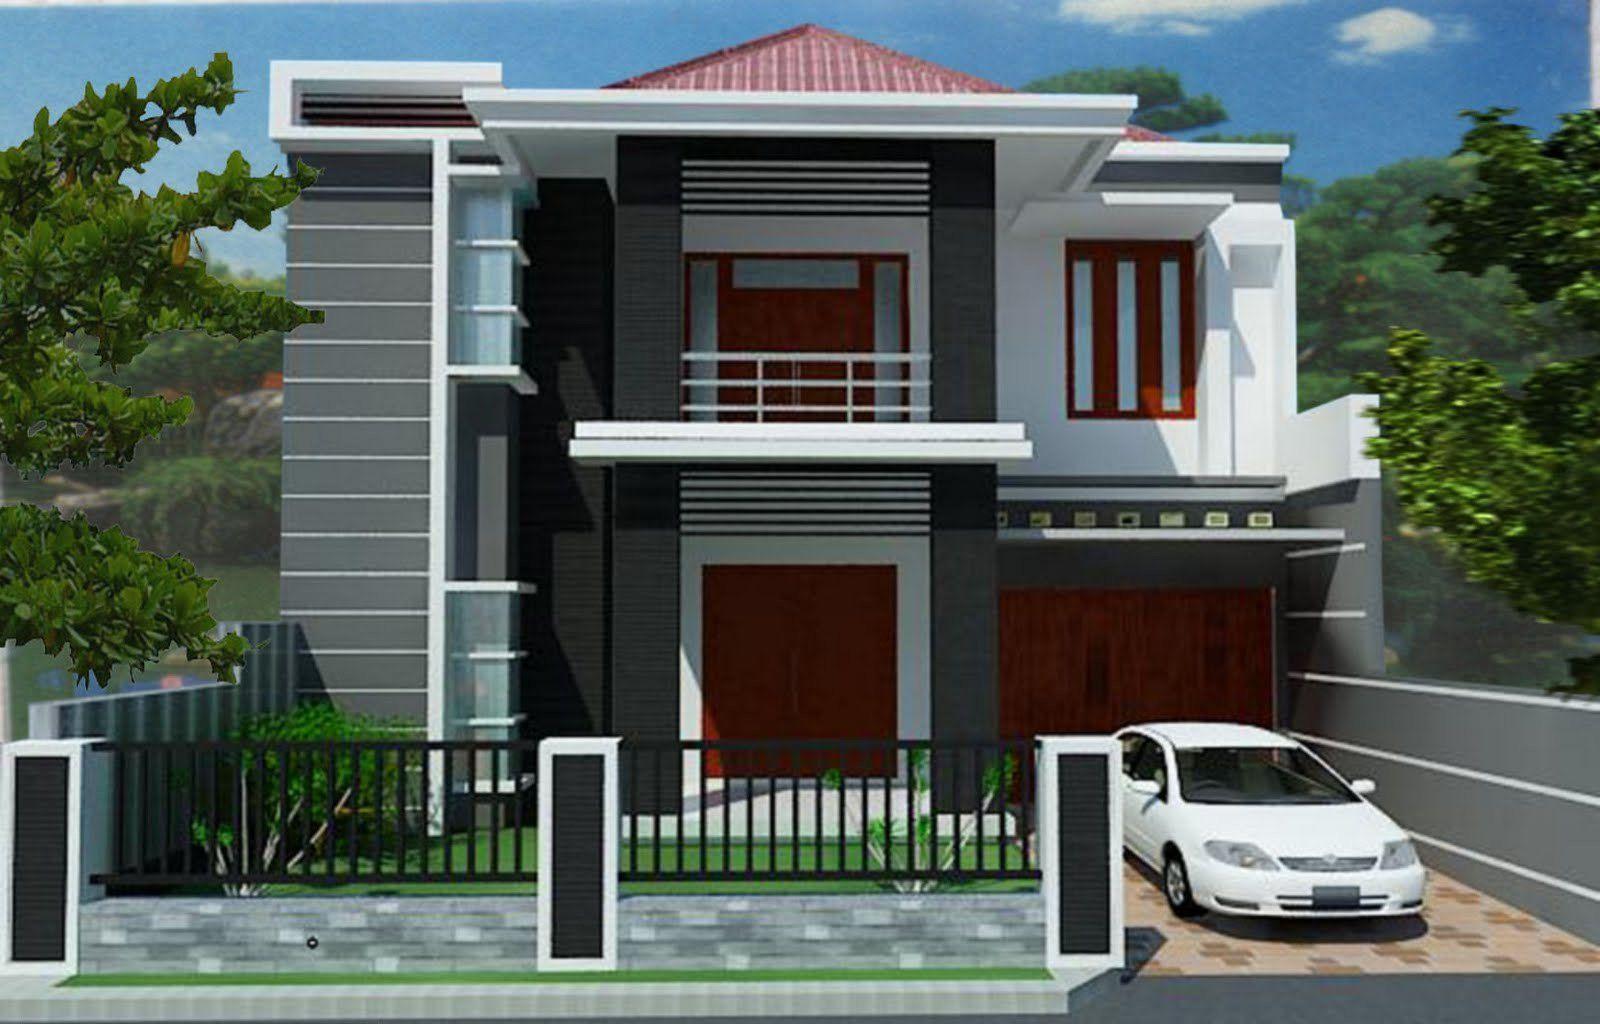 67 Desain Atap Rumah Minimalis Modern 2 Lantai | Desain Rumah Minimalis Terbaru